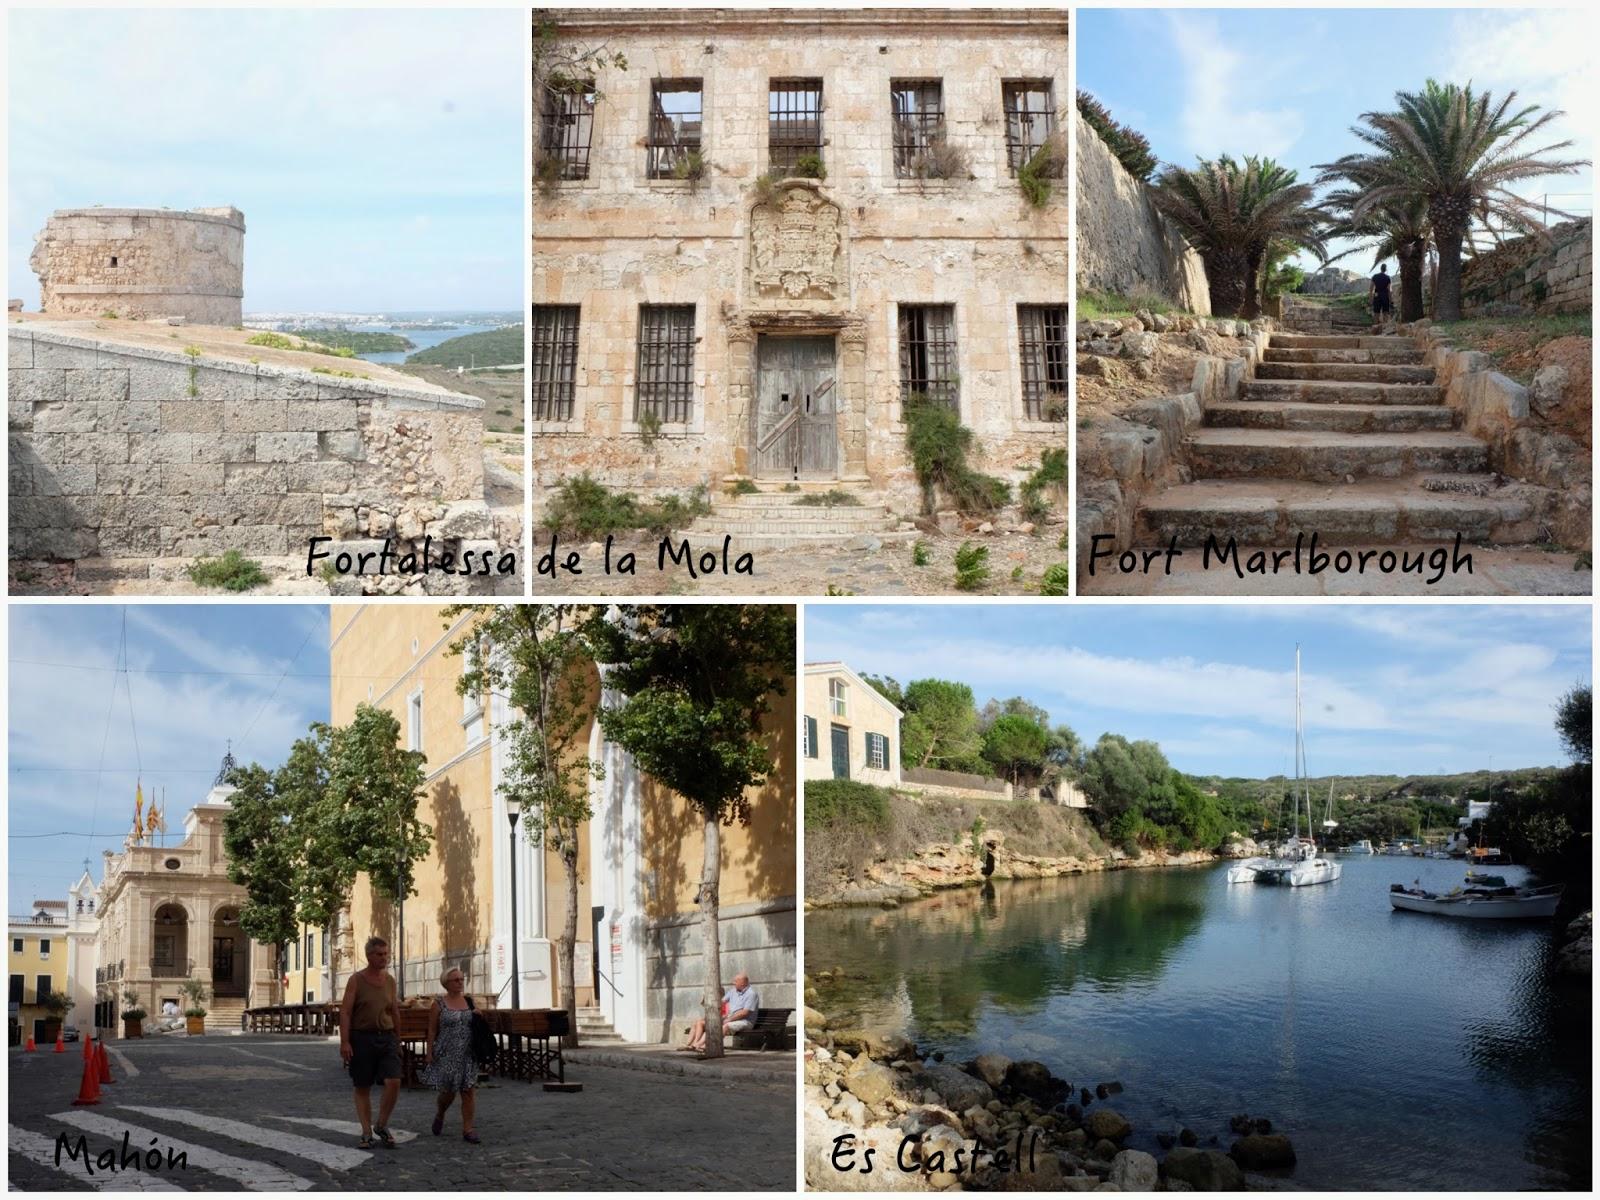 Citymurmur September 2015 # Muebles Menorca Mahon